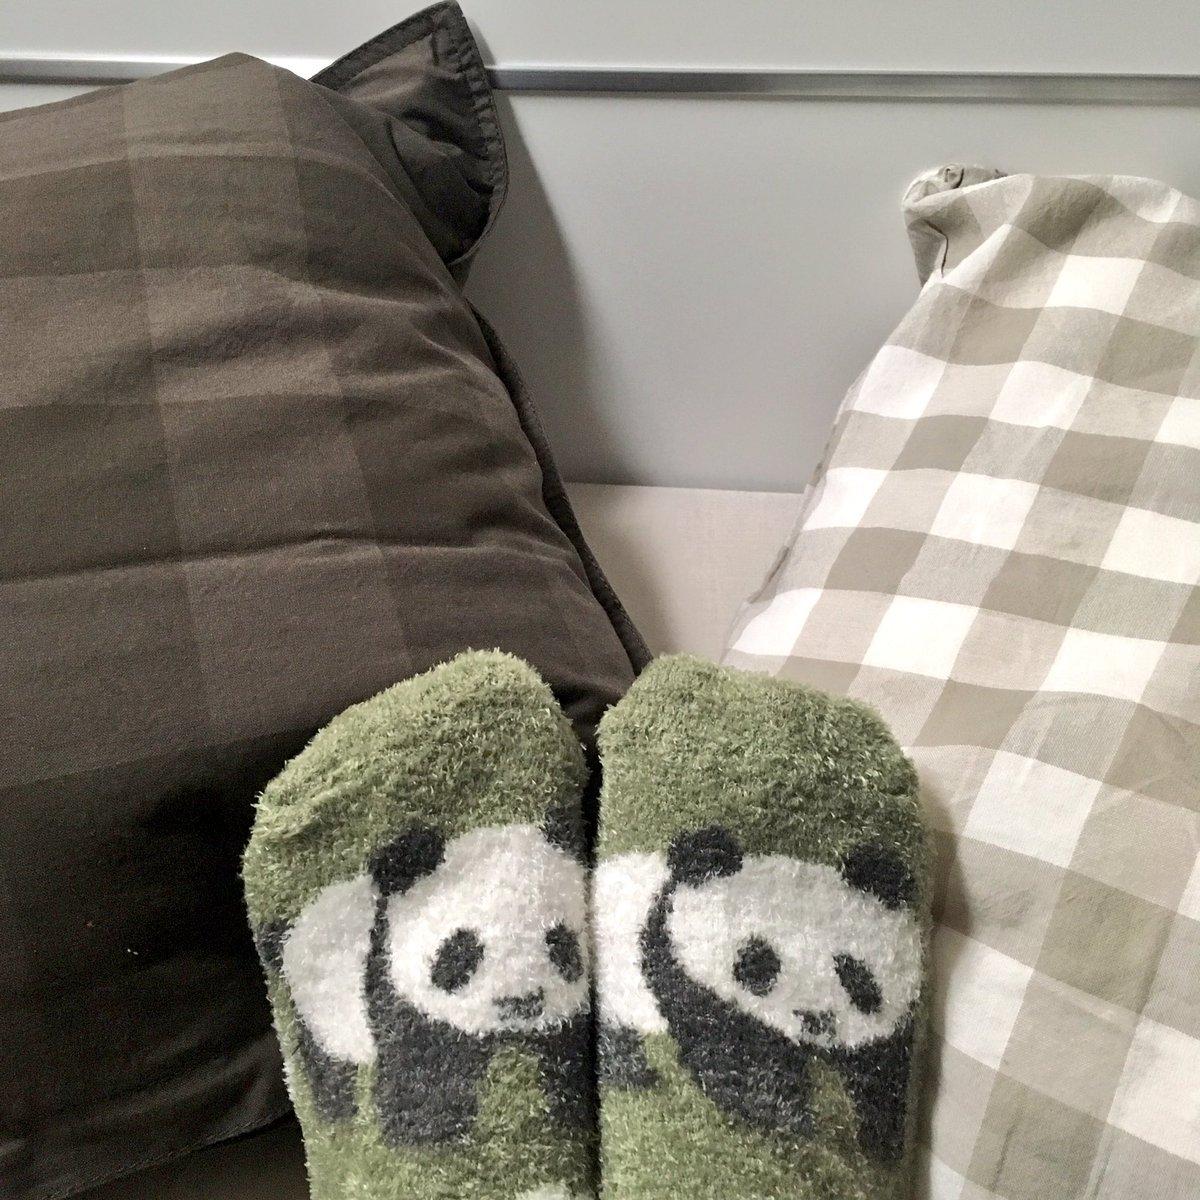 靴下かわいいので見て🐼